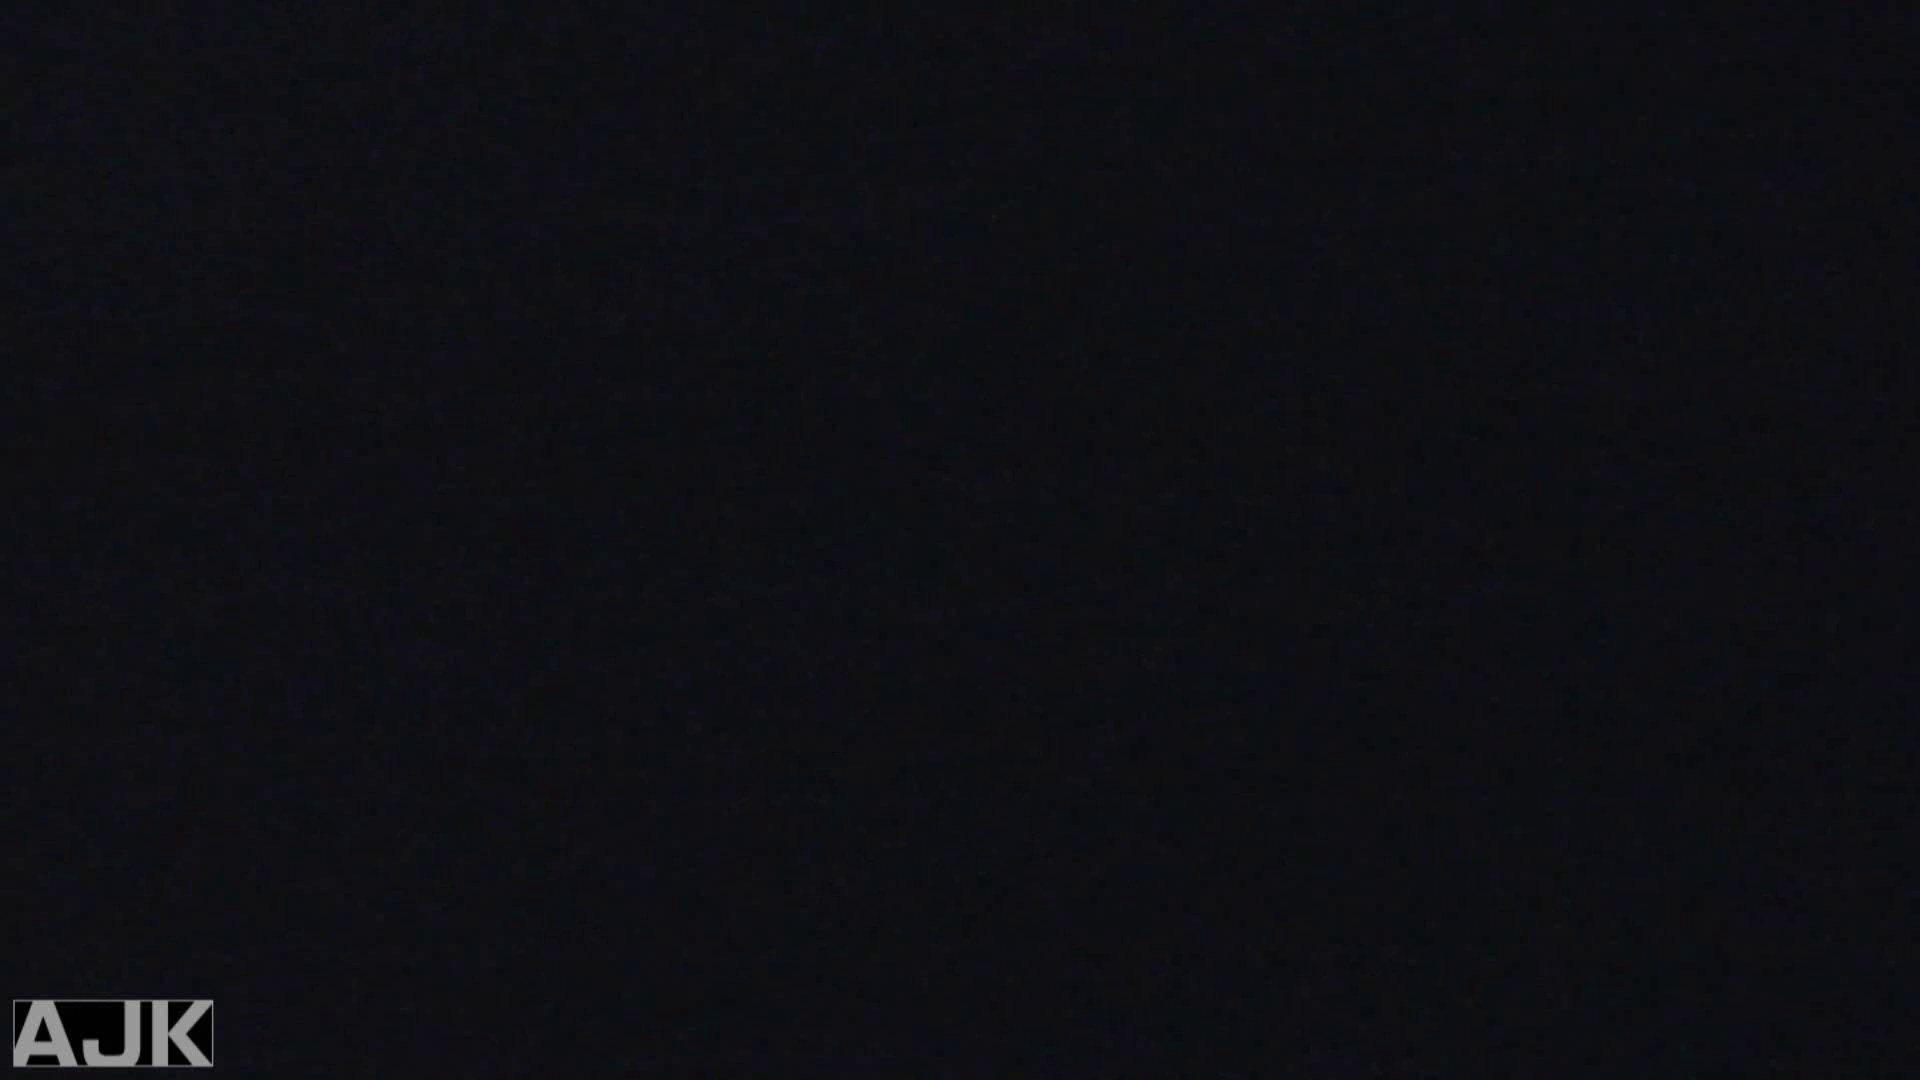 神降臨!史上最強の潜入かわや! vol.24 潜入シリーズ | オマンコ  97pic 10